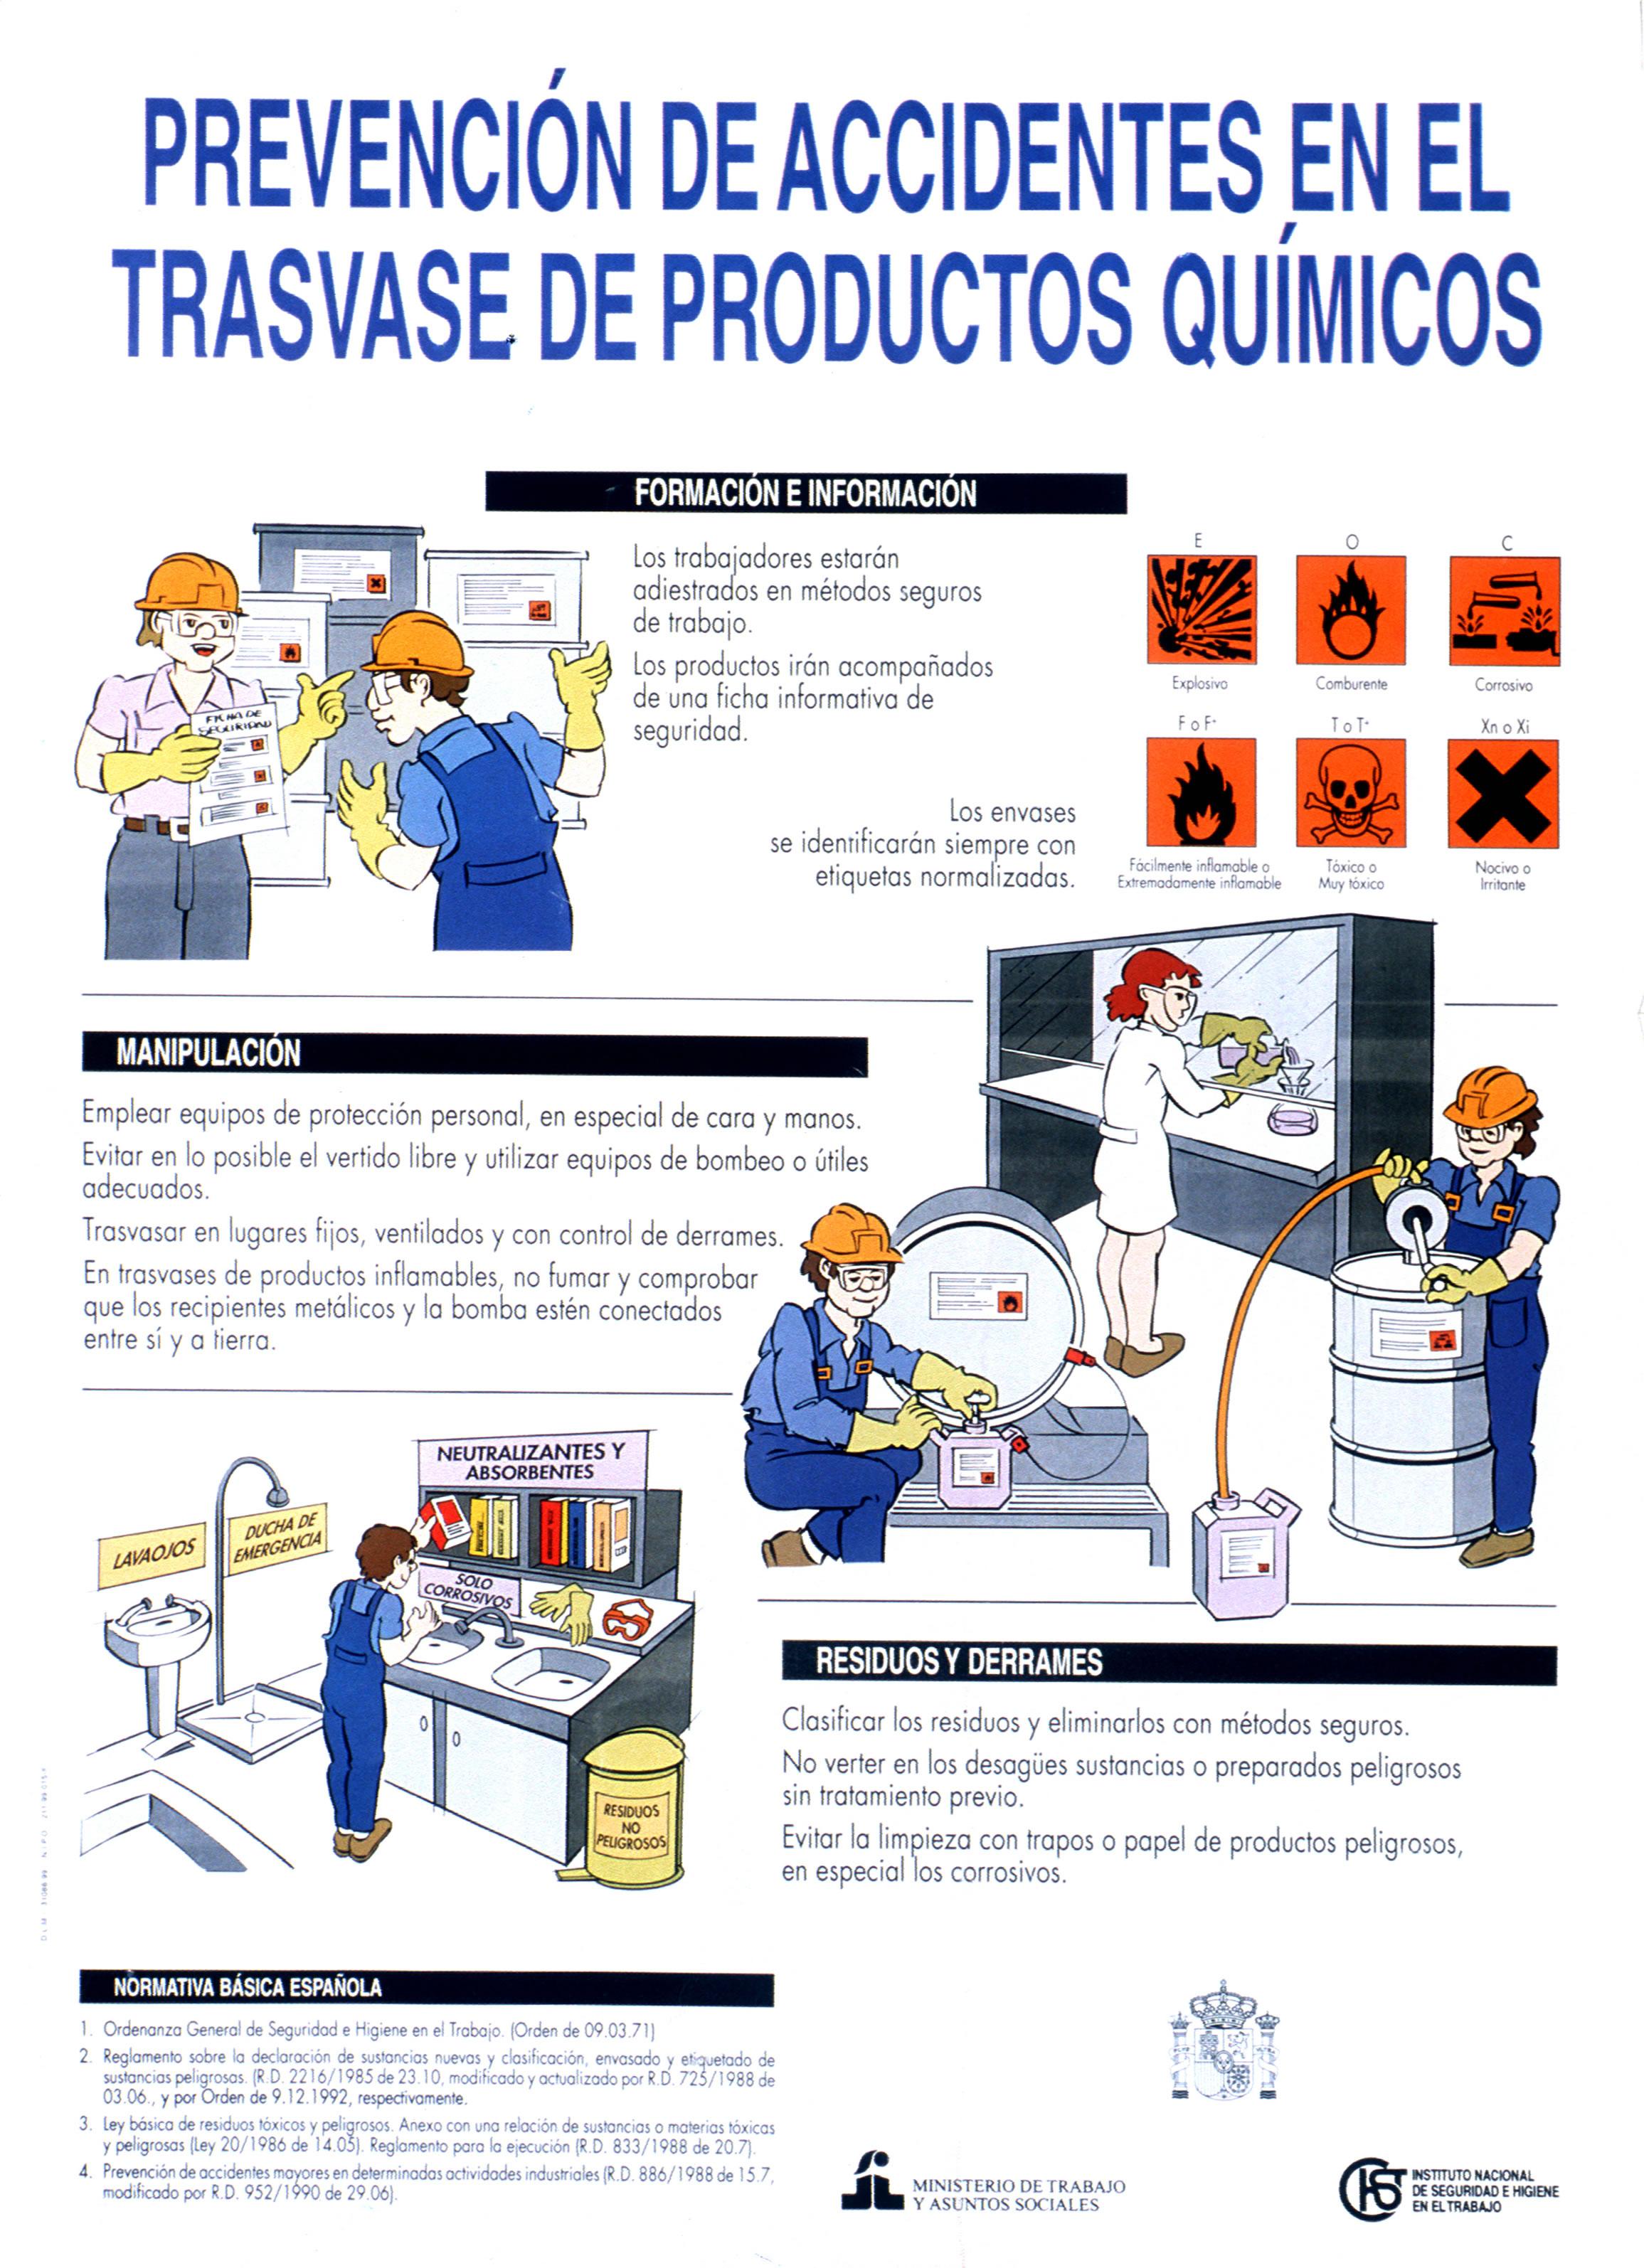 Prevención de accidentes en el trasvase de productos químicos. Cartel - Año 2010